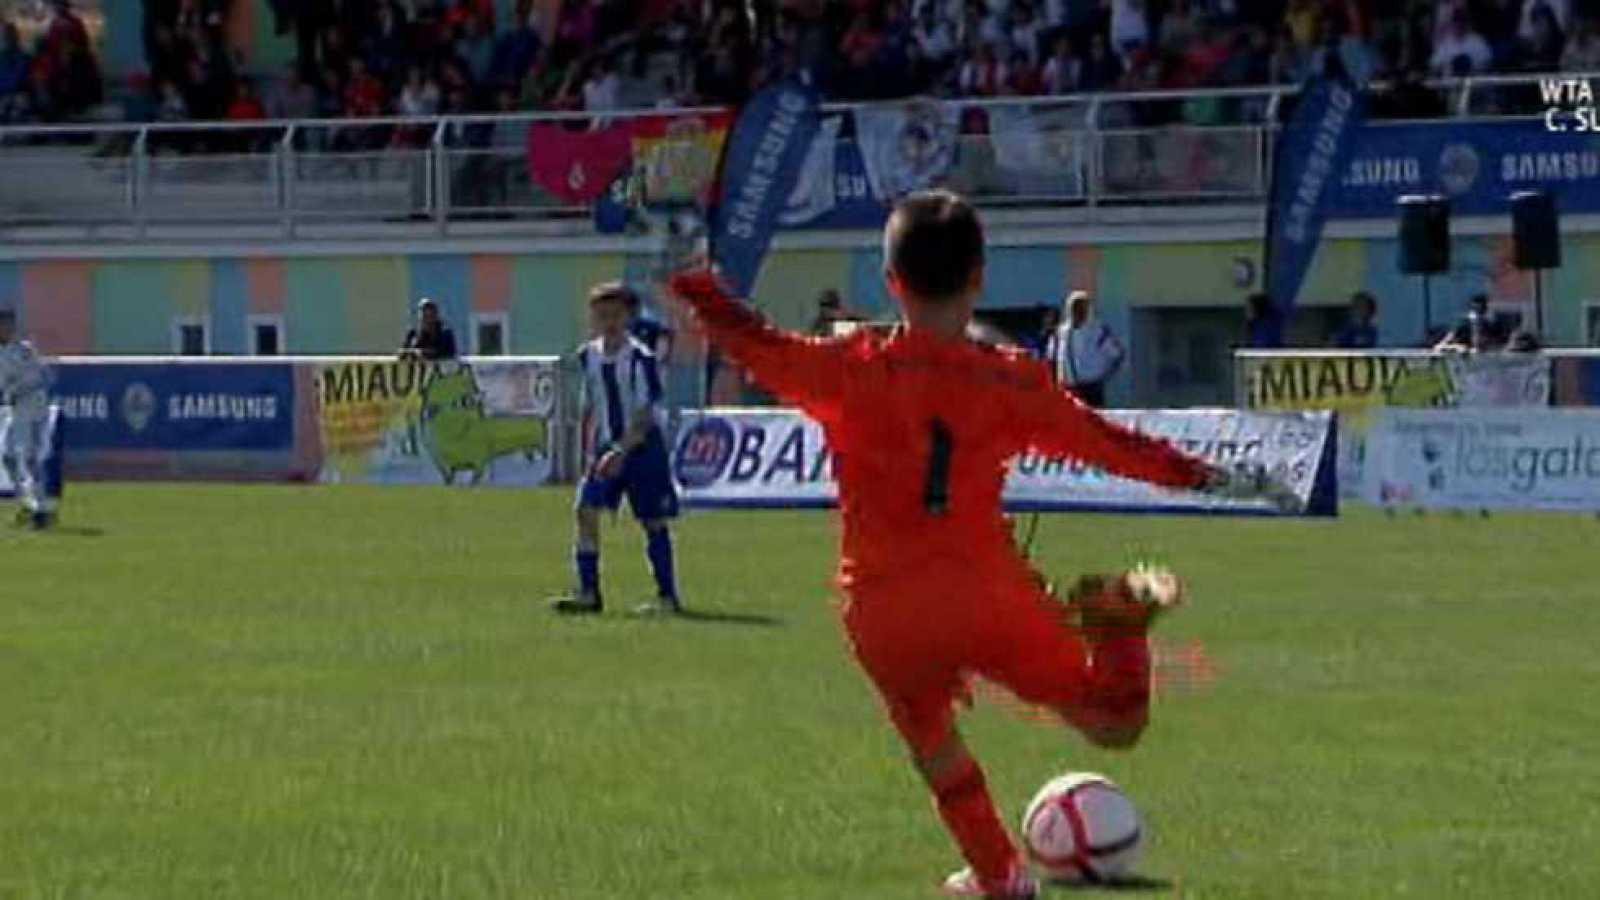 Para todos los públicos Fútbol - Iscar Cup  R. Madrid-Oporto - ver ahora  reproducir video c588278ee26b8